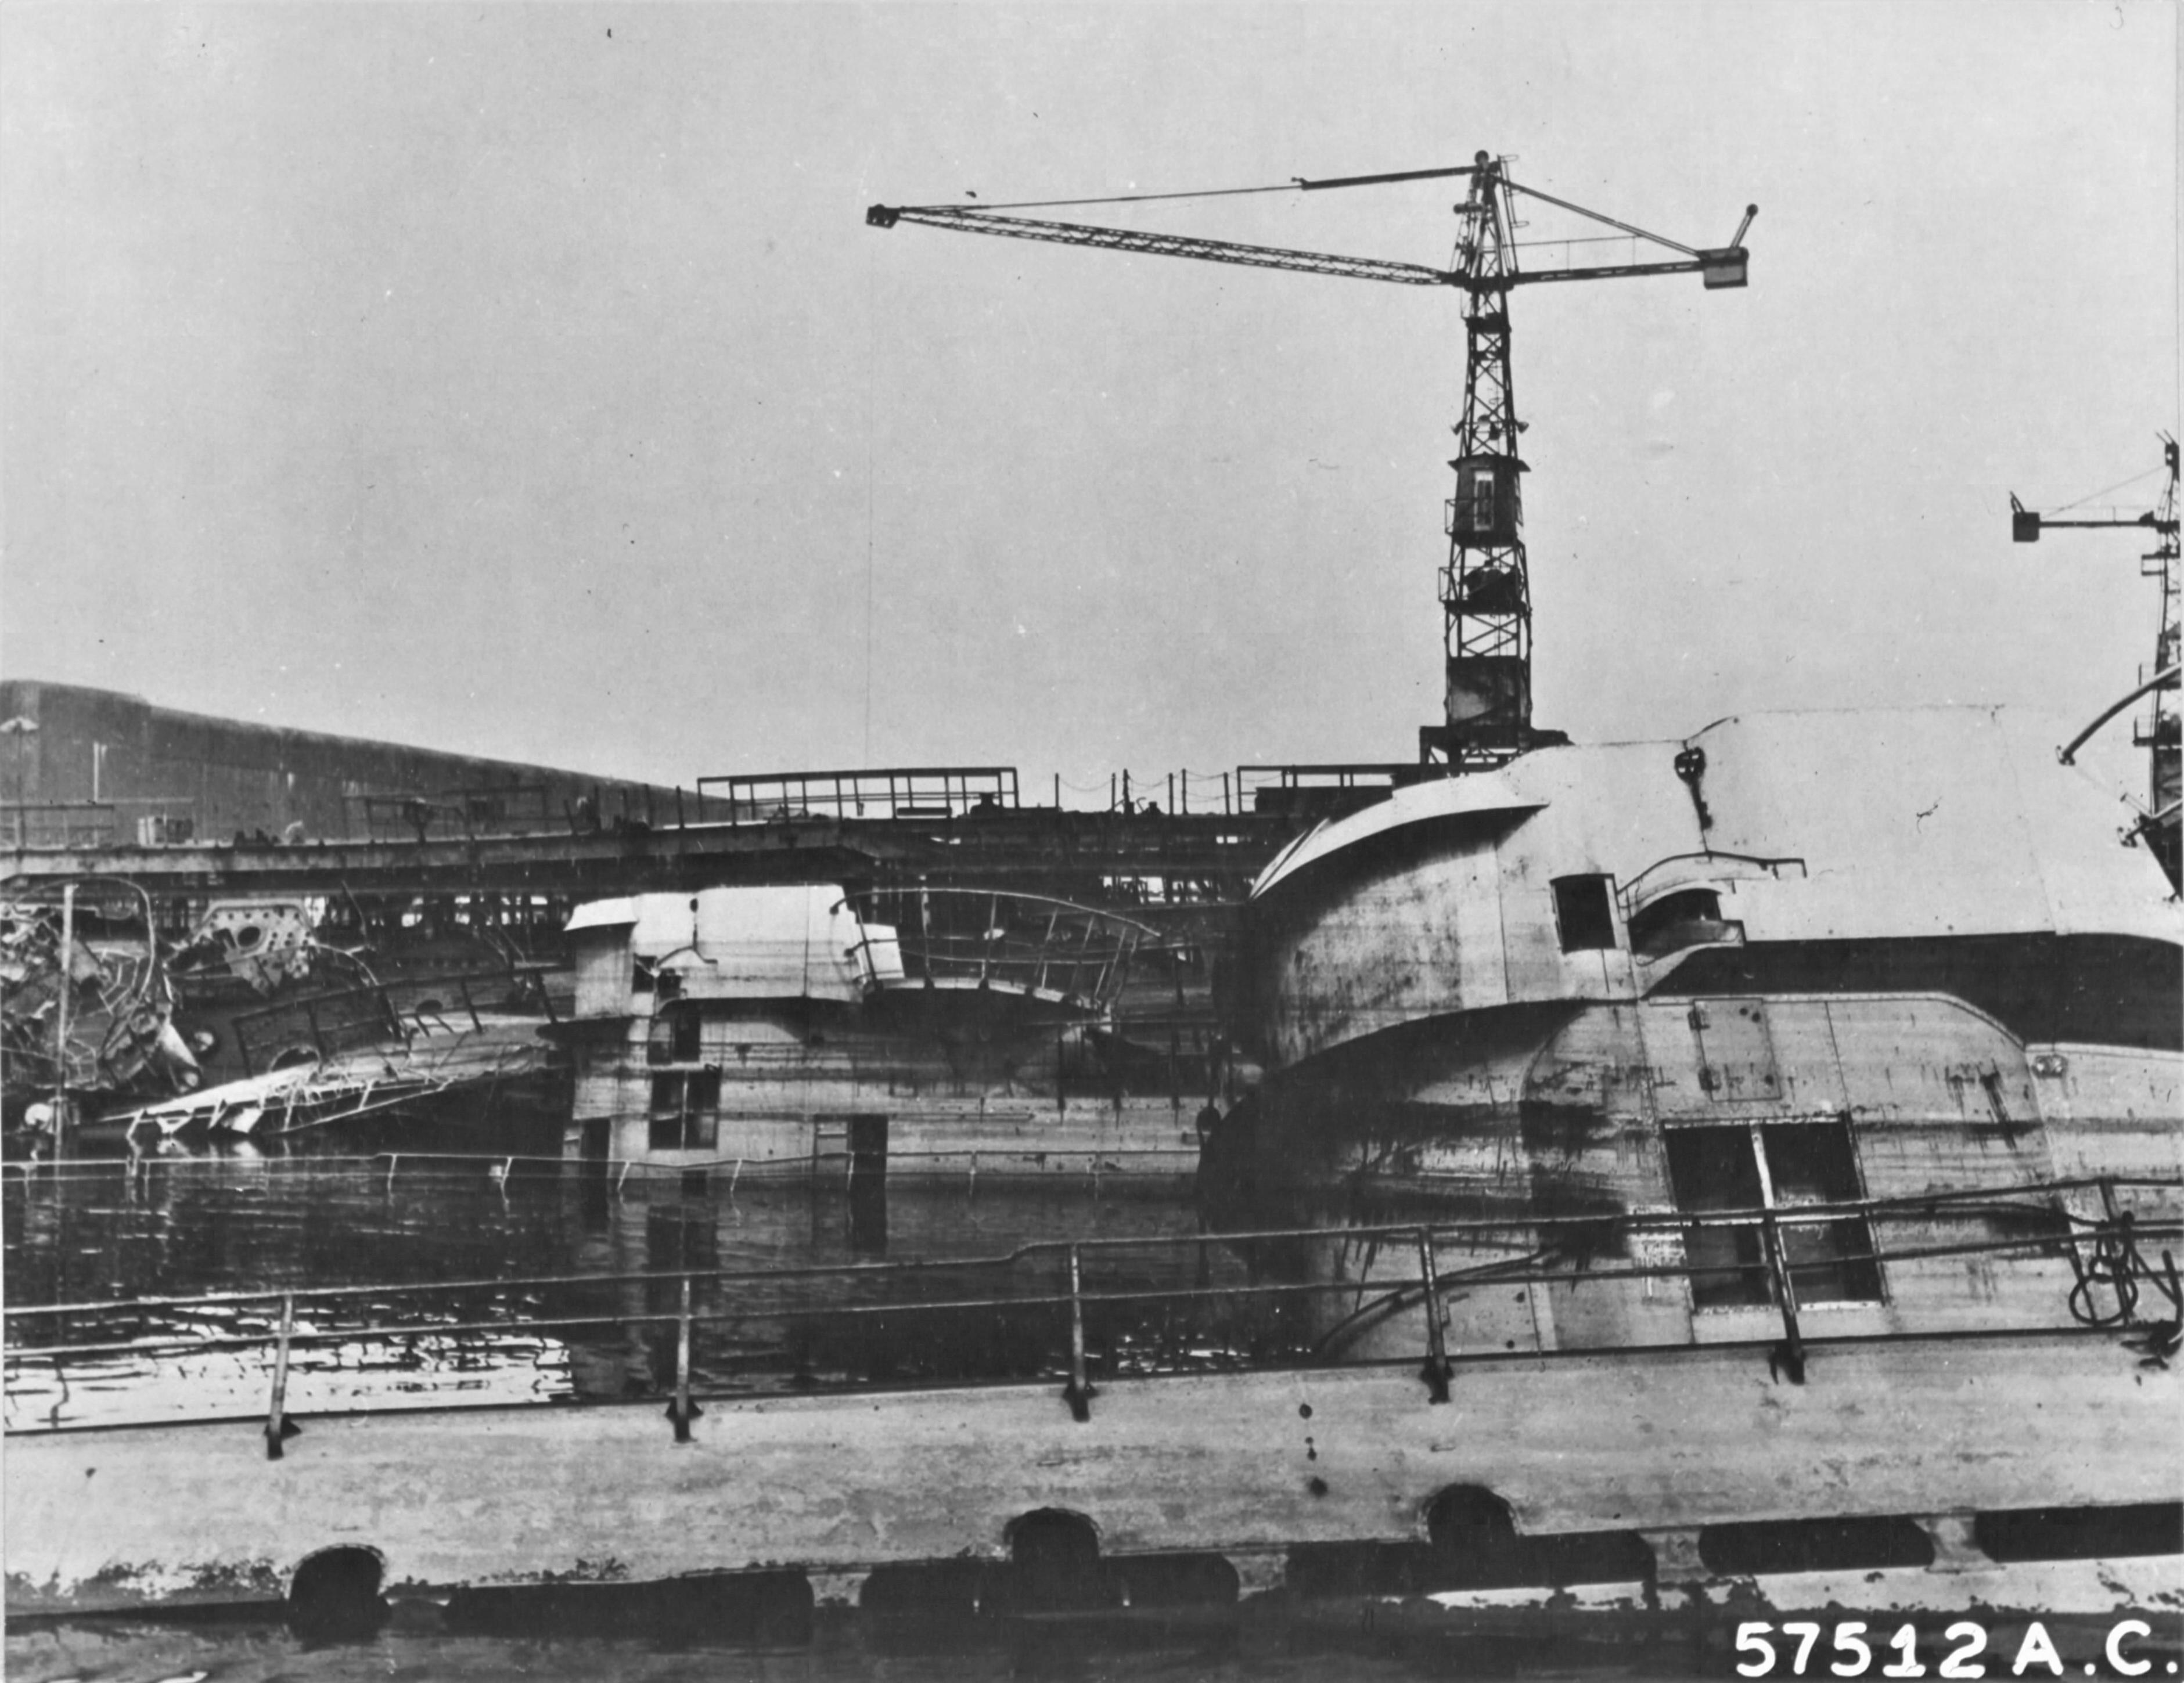 Недостроенные подводные лодки кригсмарине, потопленные в ходе бомбардировок верфи «Дойче Верфт»